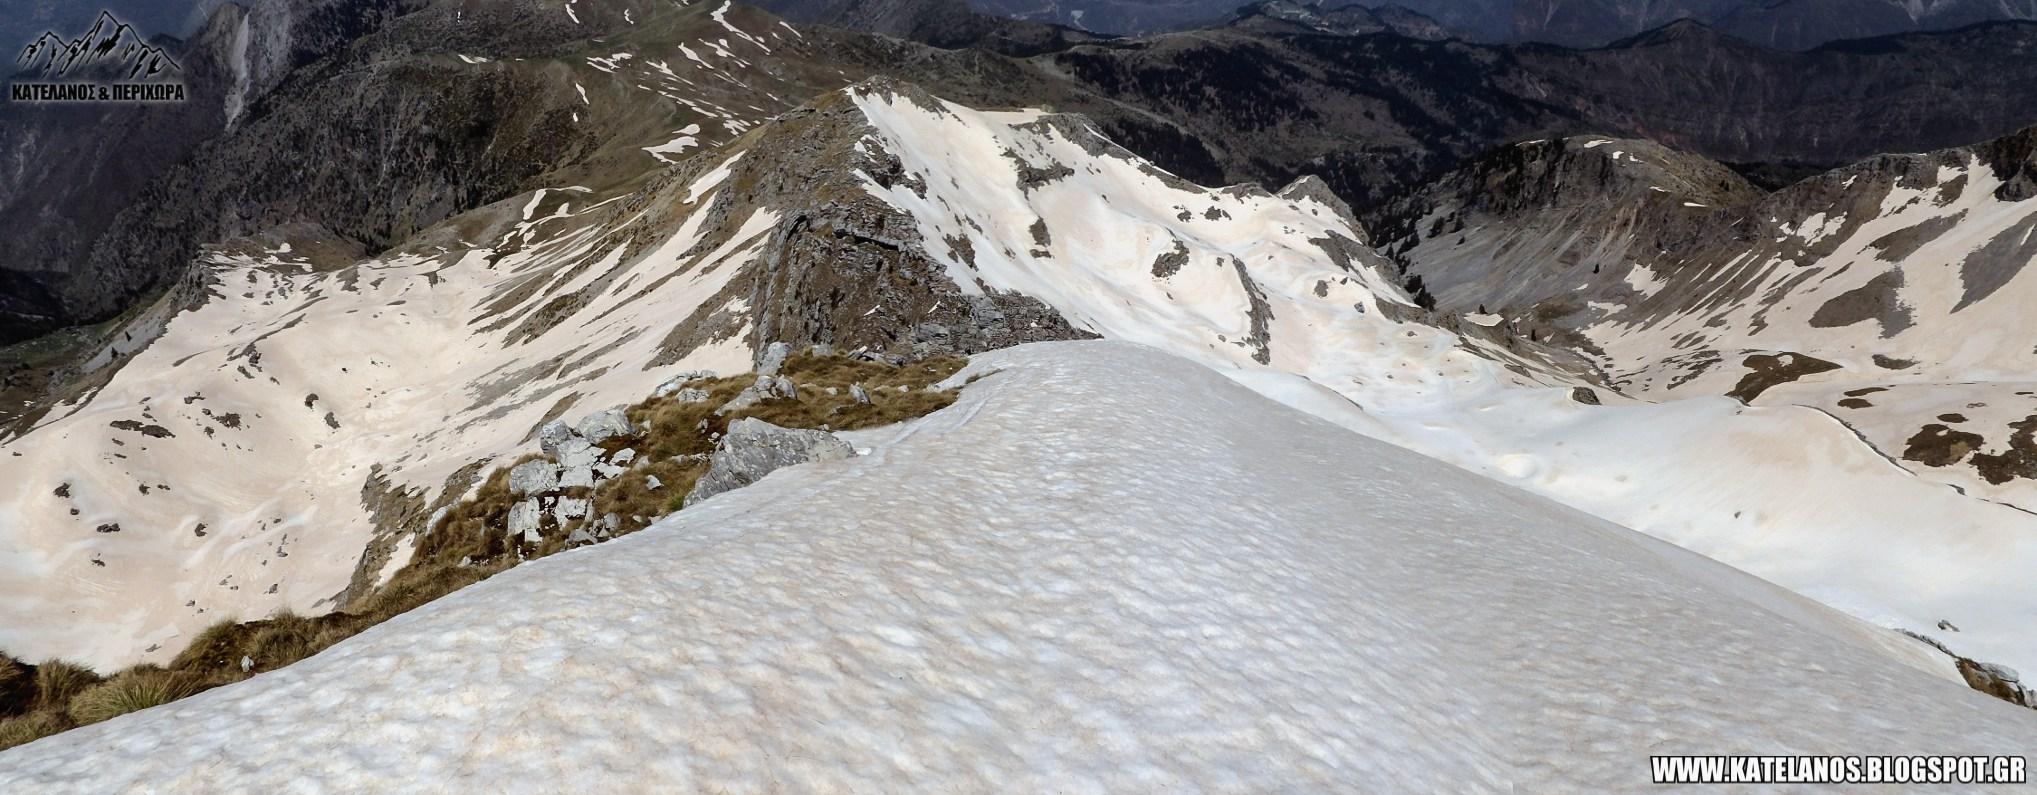 βορεια κοψη χατζη βουνο τρικαλα